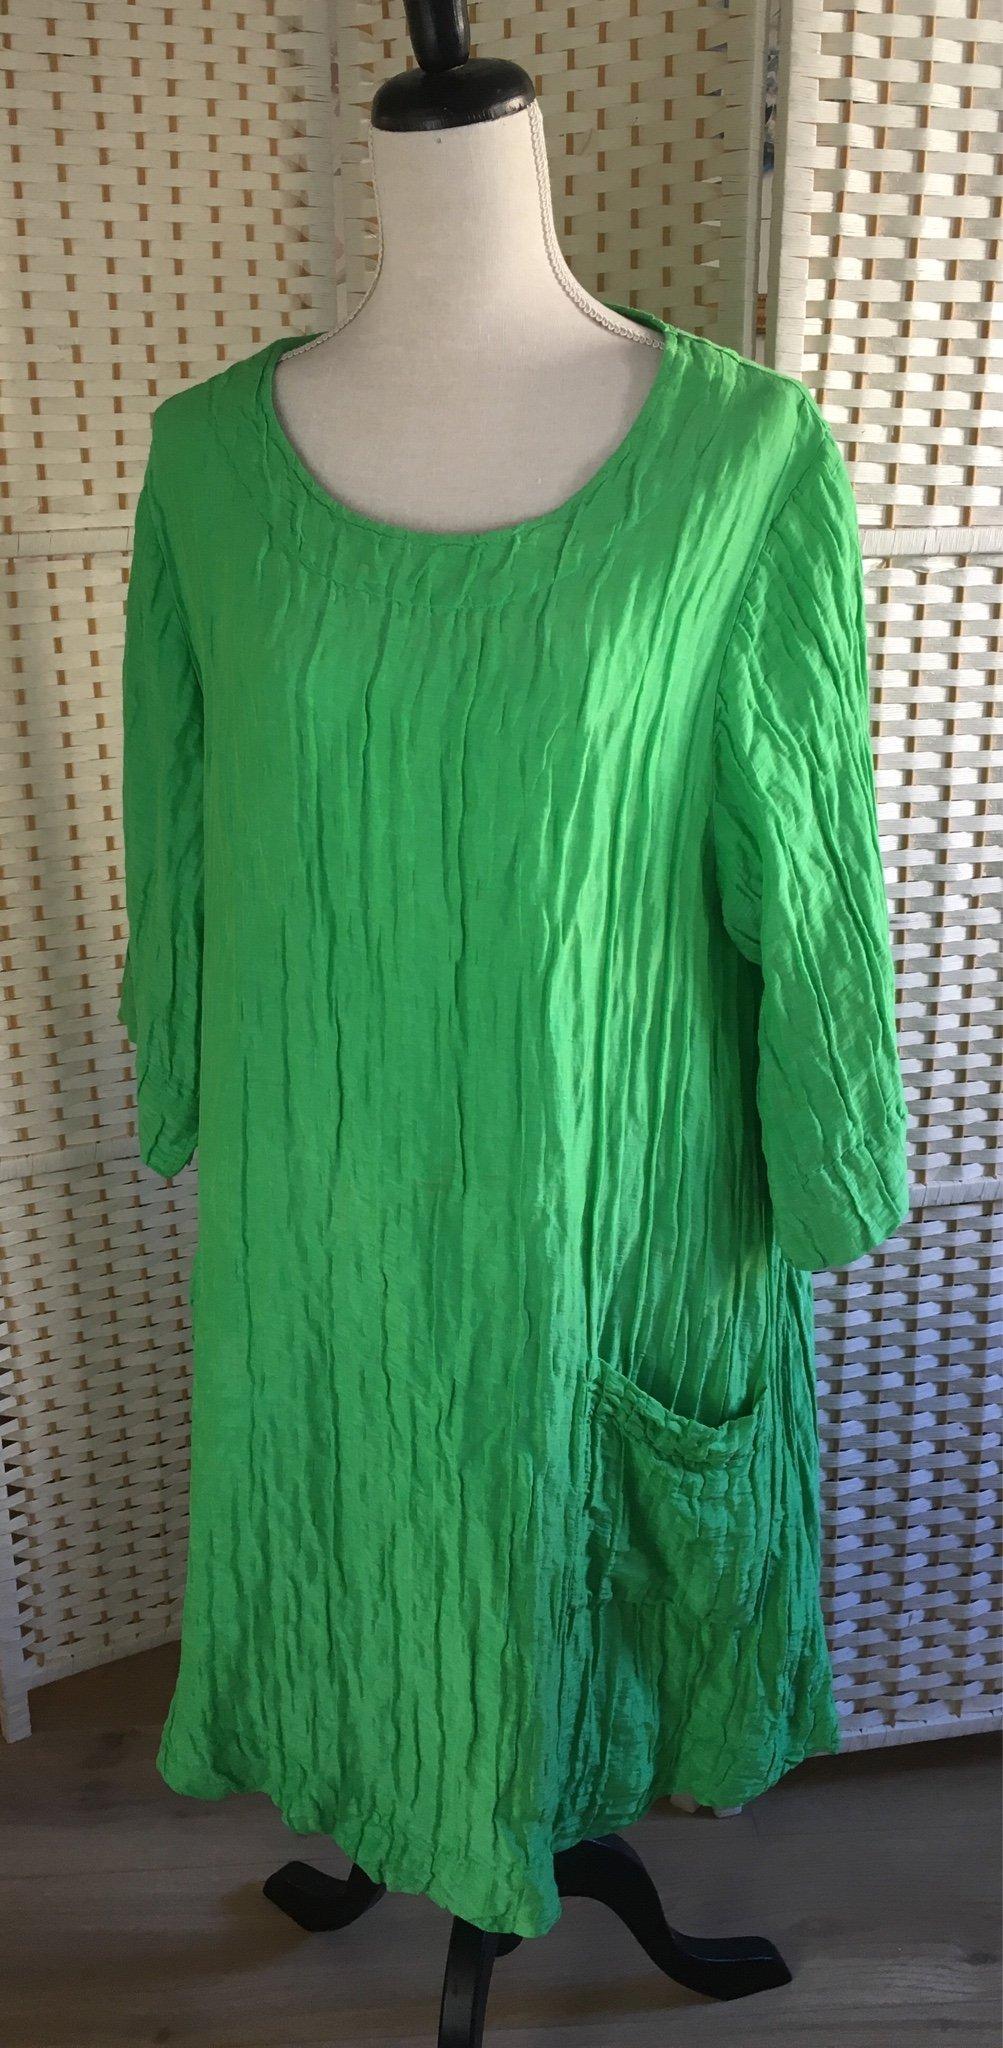 3377c4776cb4 Grön tunika från Grizas! (347874931) ᐈ Köp på Tradera